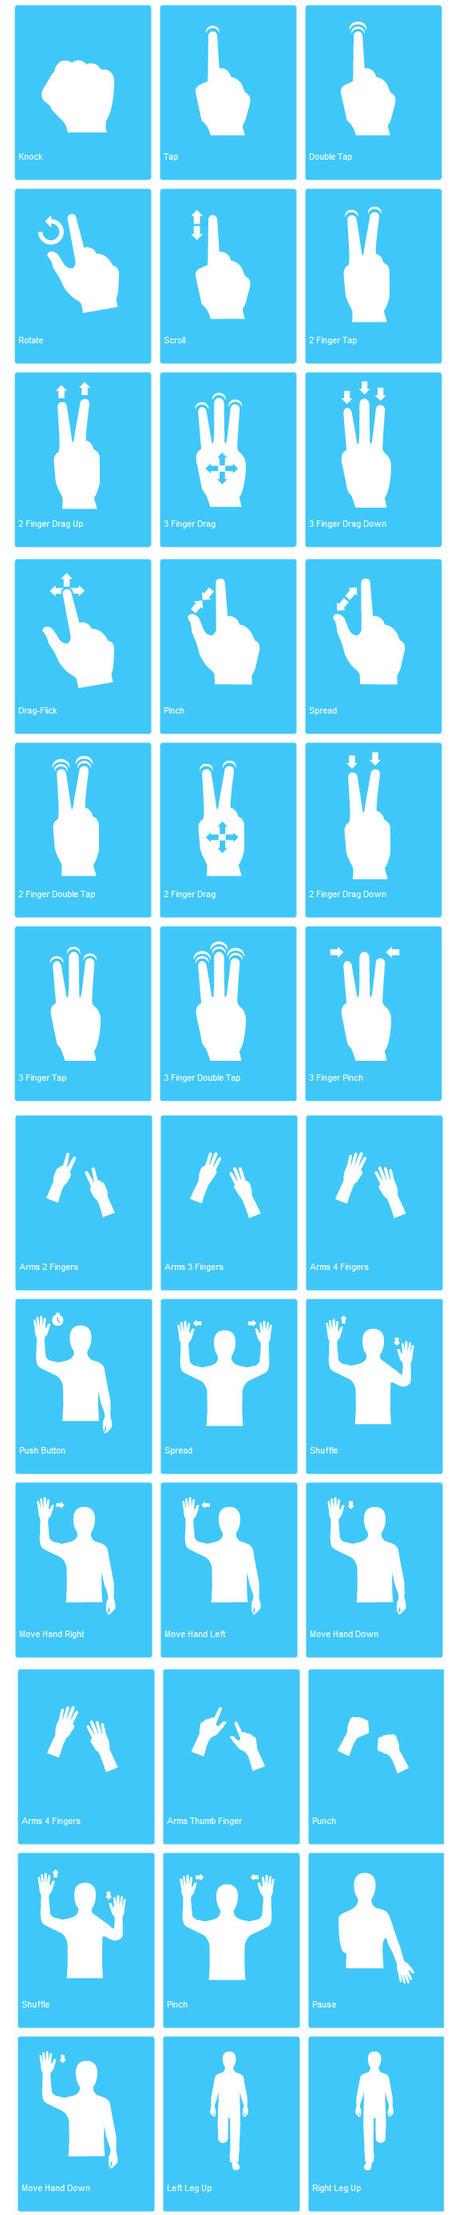 Téléchargez le guide du langage gestuel ! | Time to Learn | Scoop.it